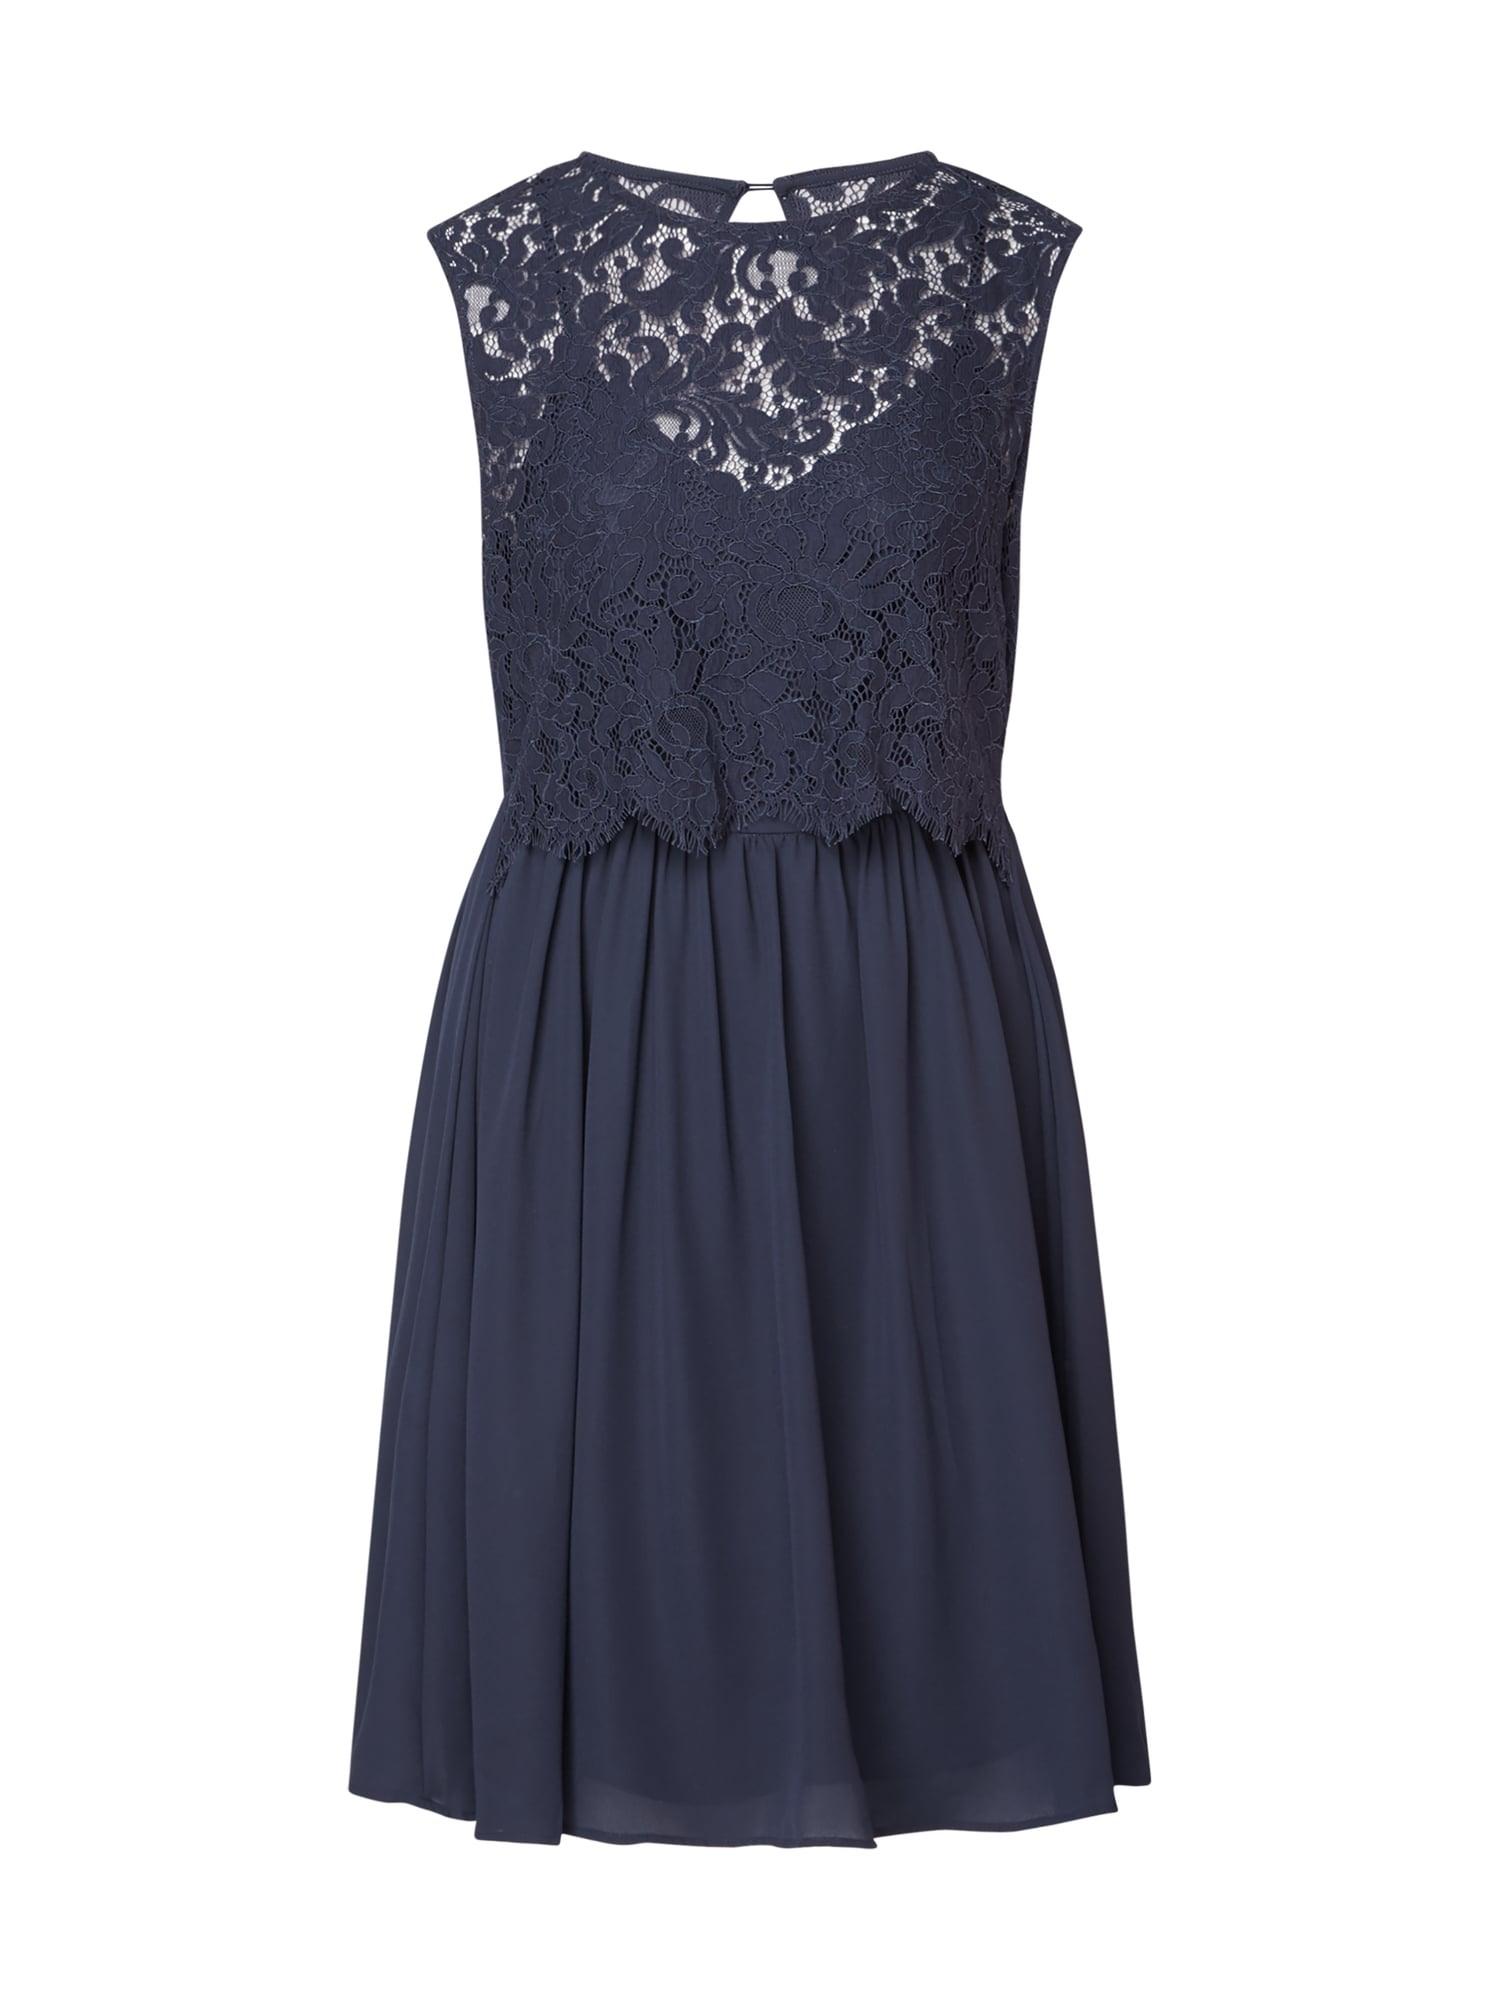 Formal Ausgezeichnet Blaues Kleid Mit Spitze Ärmel13 Kreativ Blaues Kleid Mit Spitze für 2019